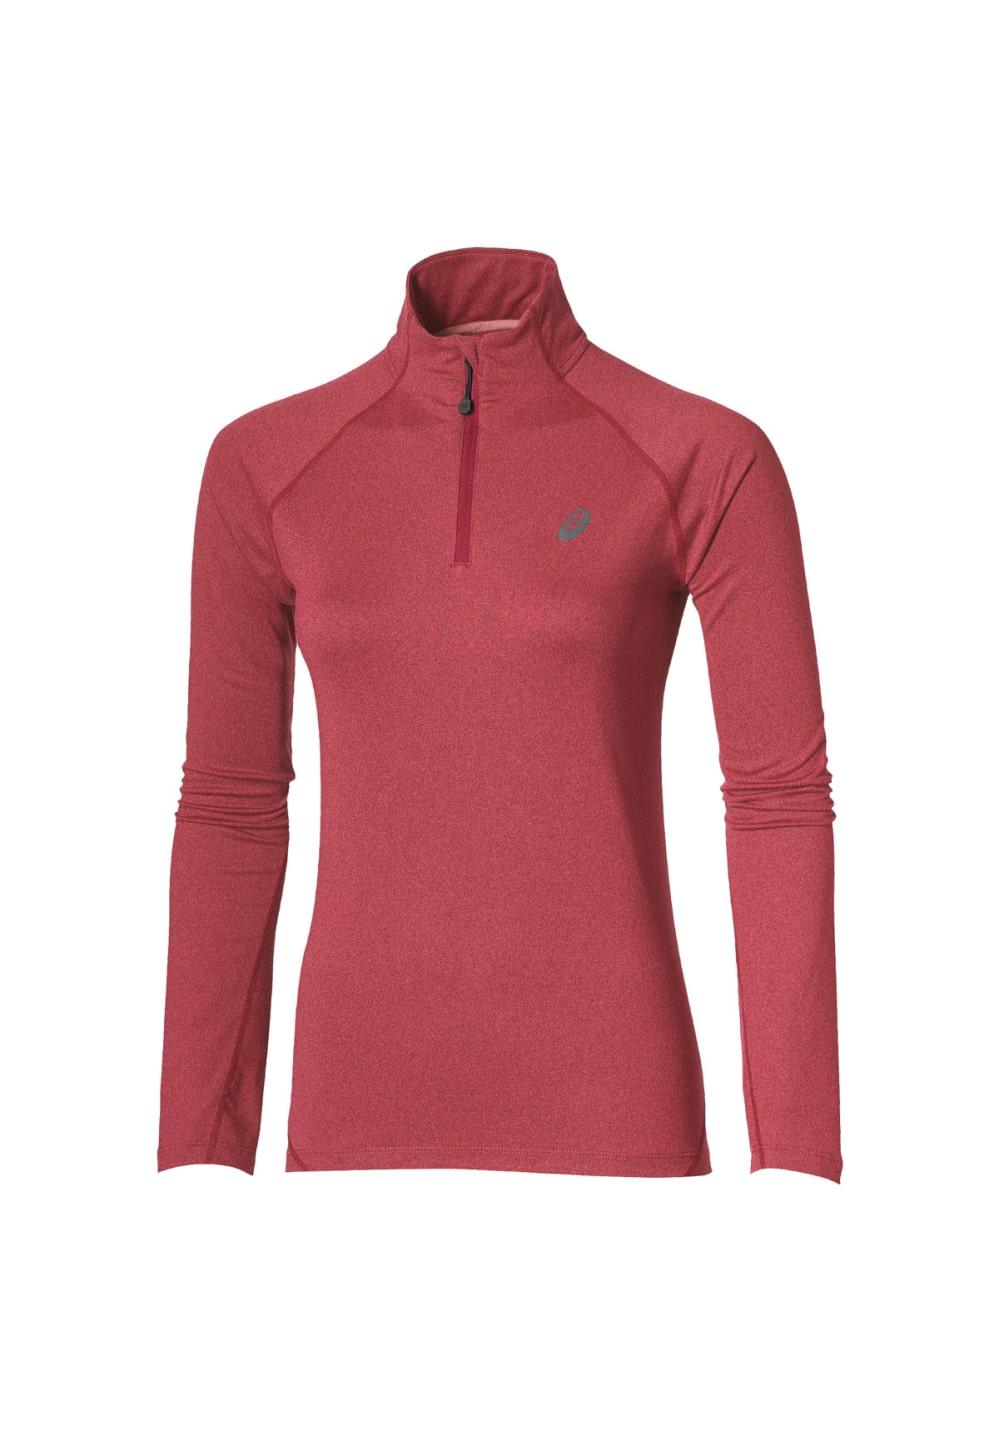 ASICS Long Sleeve 1/2 Zip Jersey - Laufshirts für Damen - Rot, Gr. XL